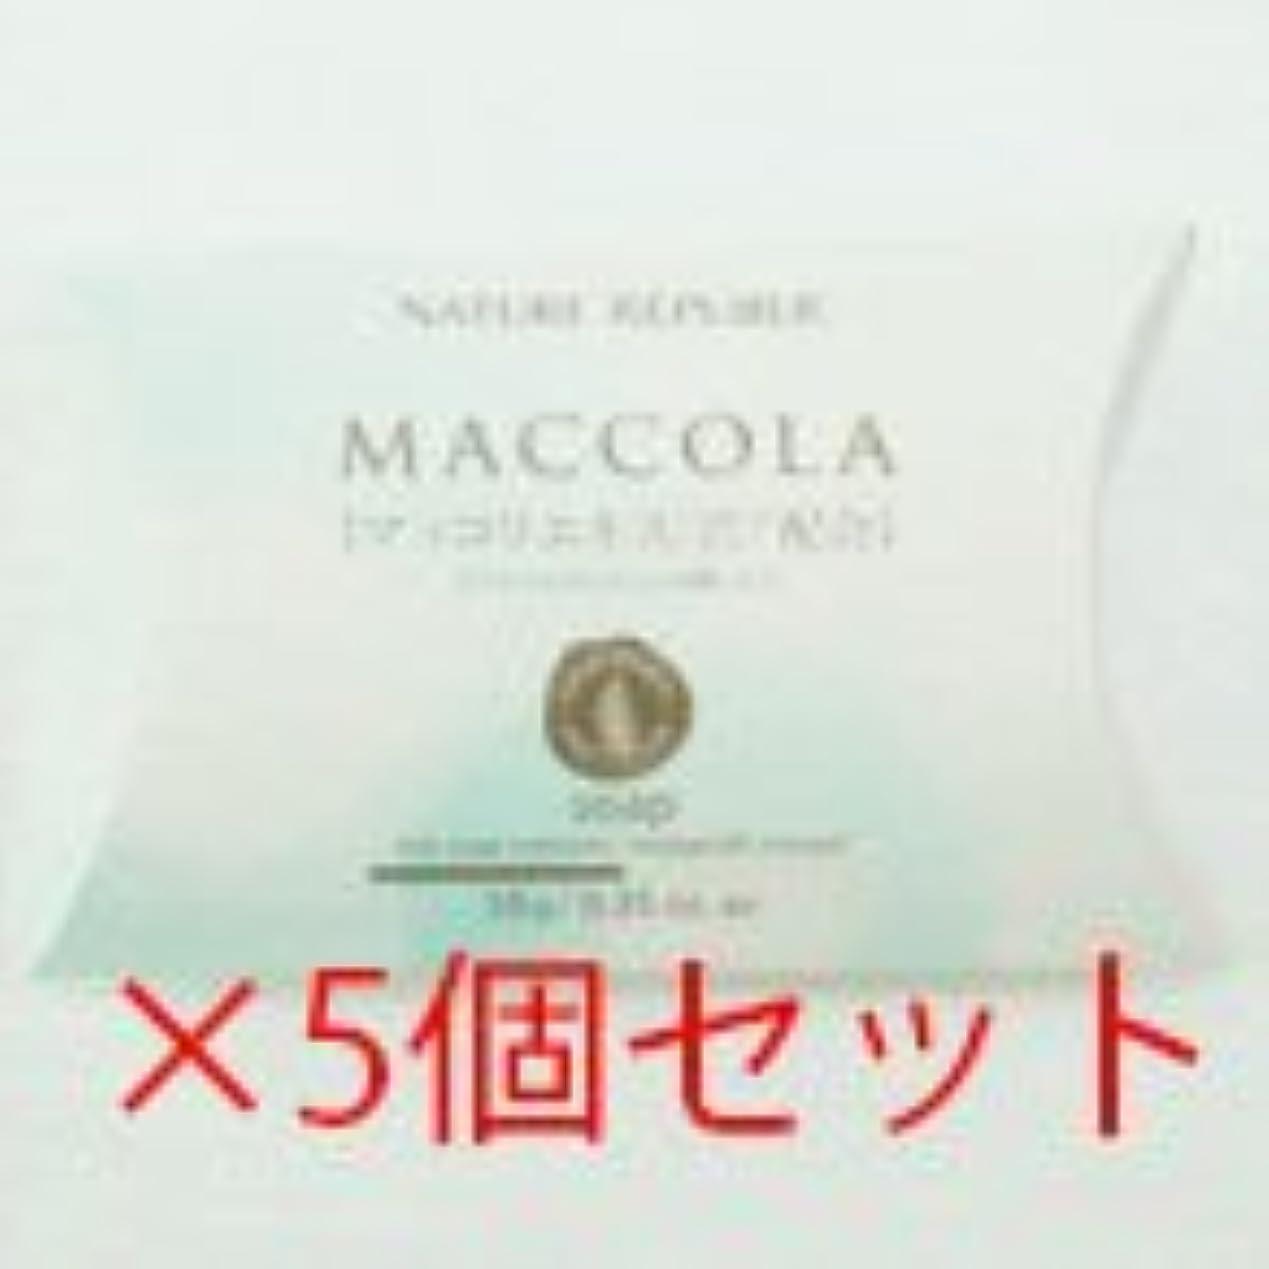 ネイチャーリパブリック NATURE REPUBLIC (正規品) ネイチャーリパブリック マッコラ ソープ 10g×5